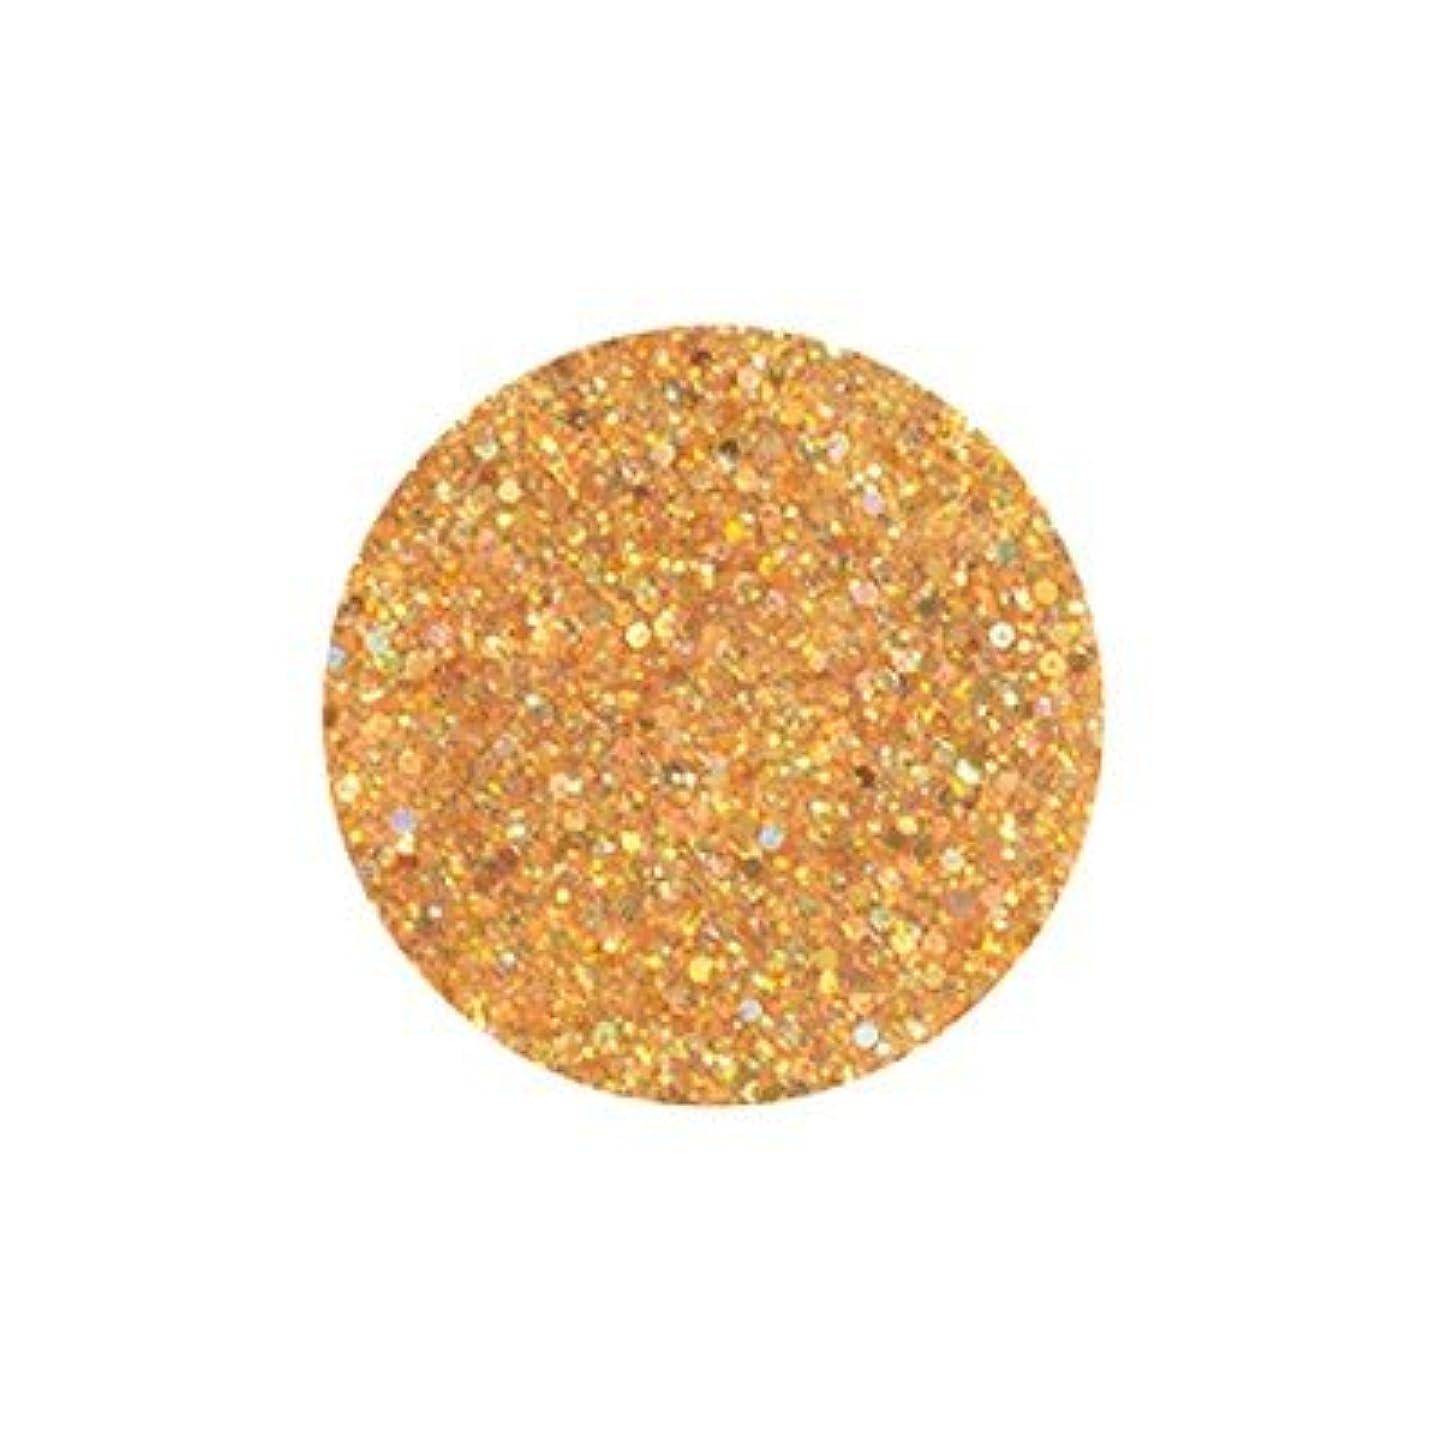 ファブリックスーツ無謀FANTASY NAIL ダイヤモンドコレクション 3g 4254XS カラーパウダー アート材